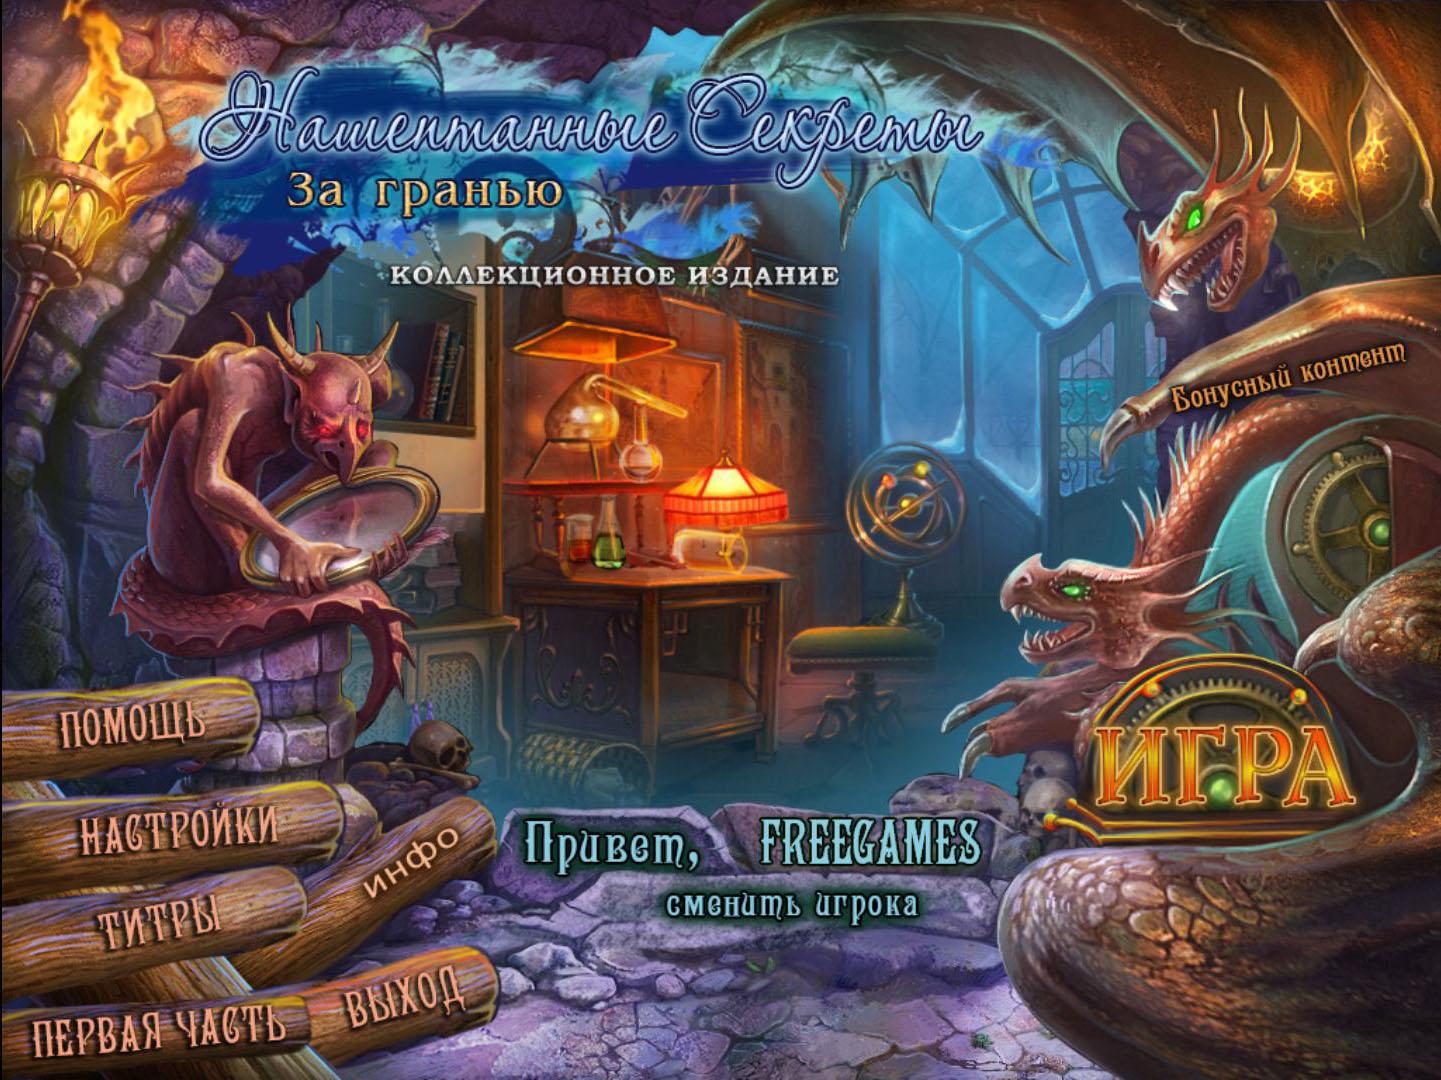 Нашептанные Секреты 2. За гранью. Коллекционное издание | Whispered Secrets 2. Into Beyond CE (Rus)